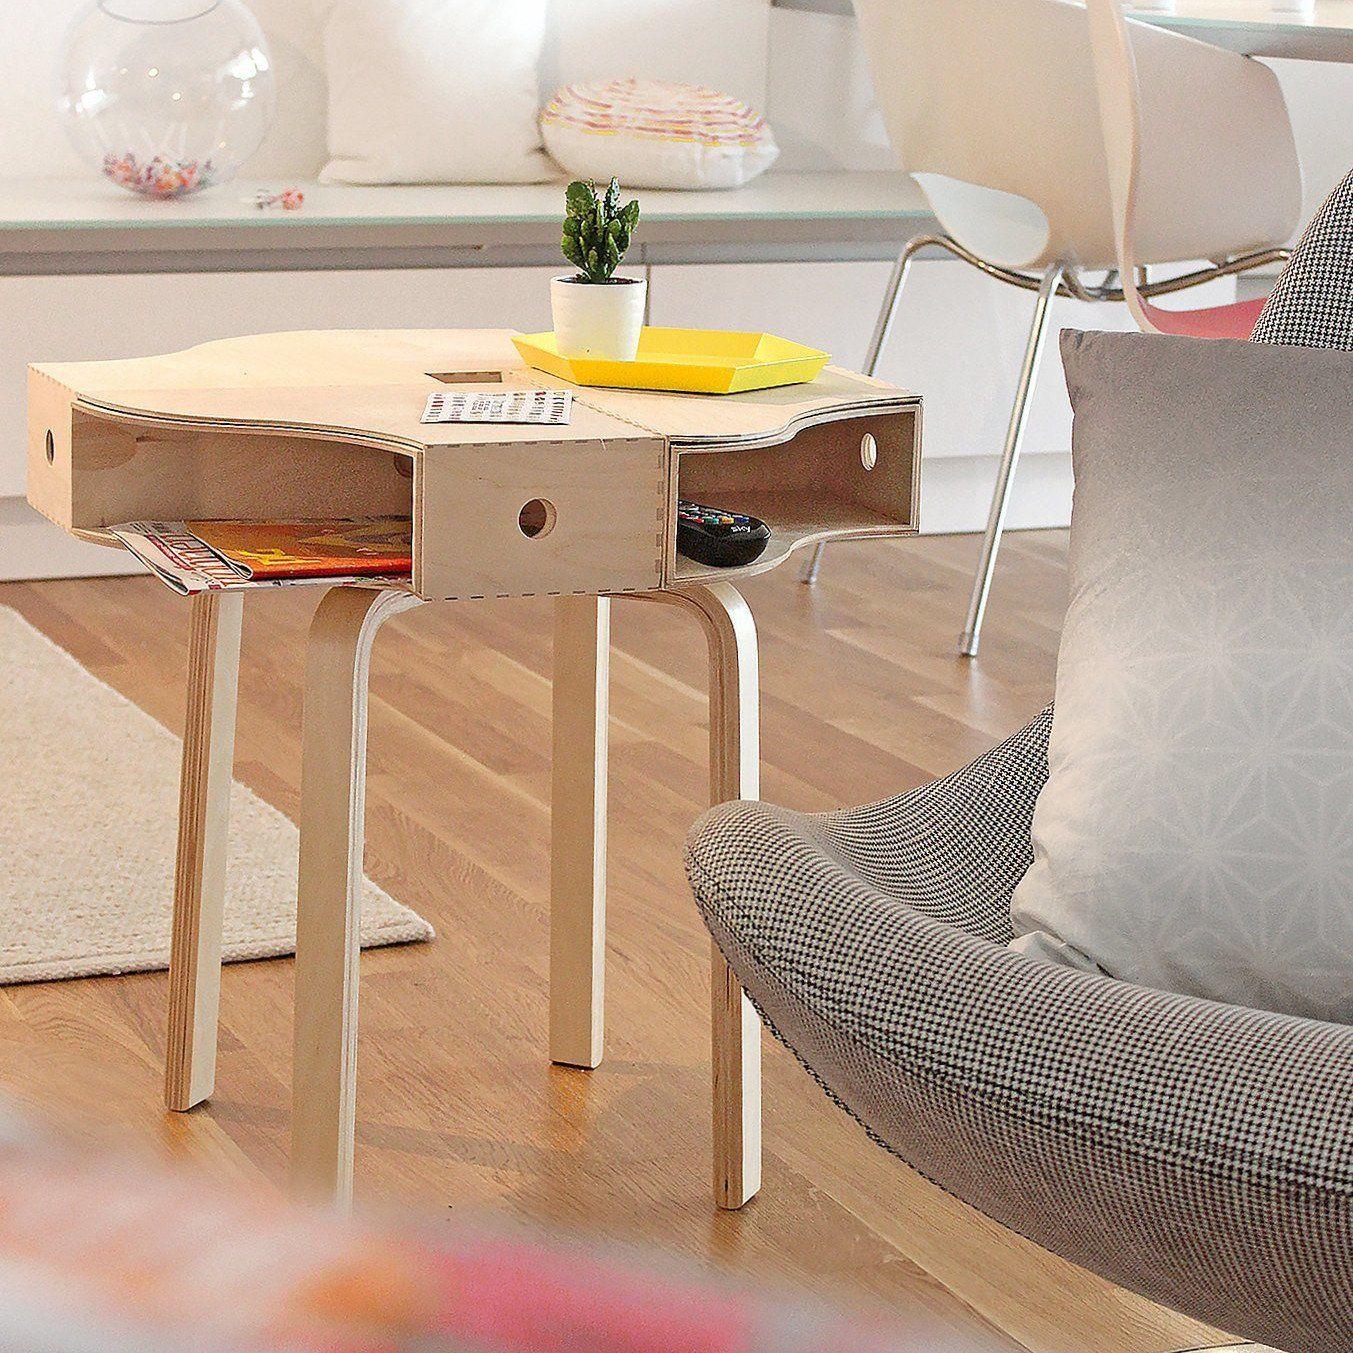 Full Size of Besten Ideen Fr Ikea Hacks Miniküche Modulküche Sofa Mit Schlaffunktion Betten Bei 160x200 Küche Kosten Kaufen Wohnzimmer Ikea Hacks